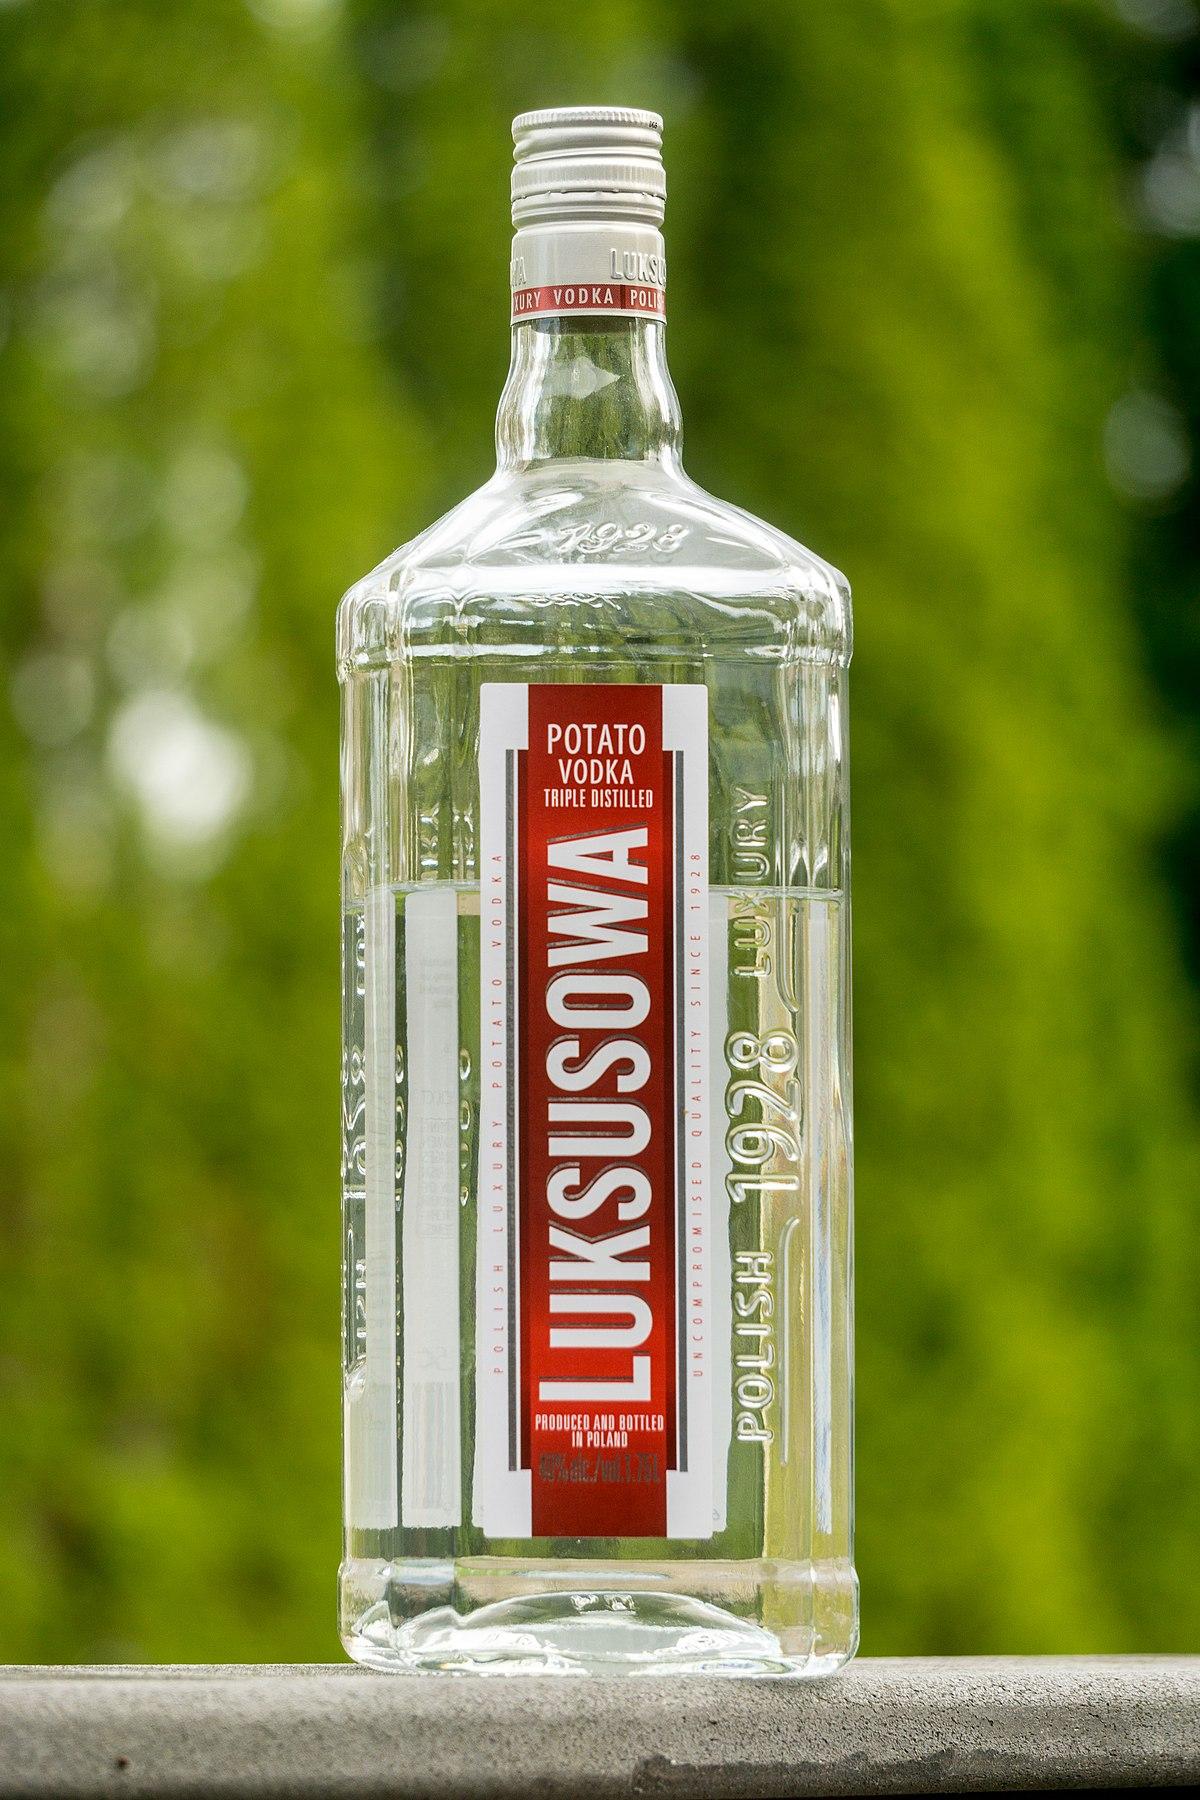 One bottle of vodka blowjob - 1 part 9